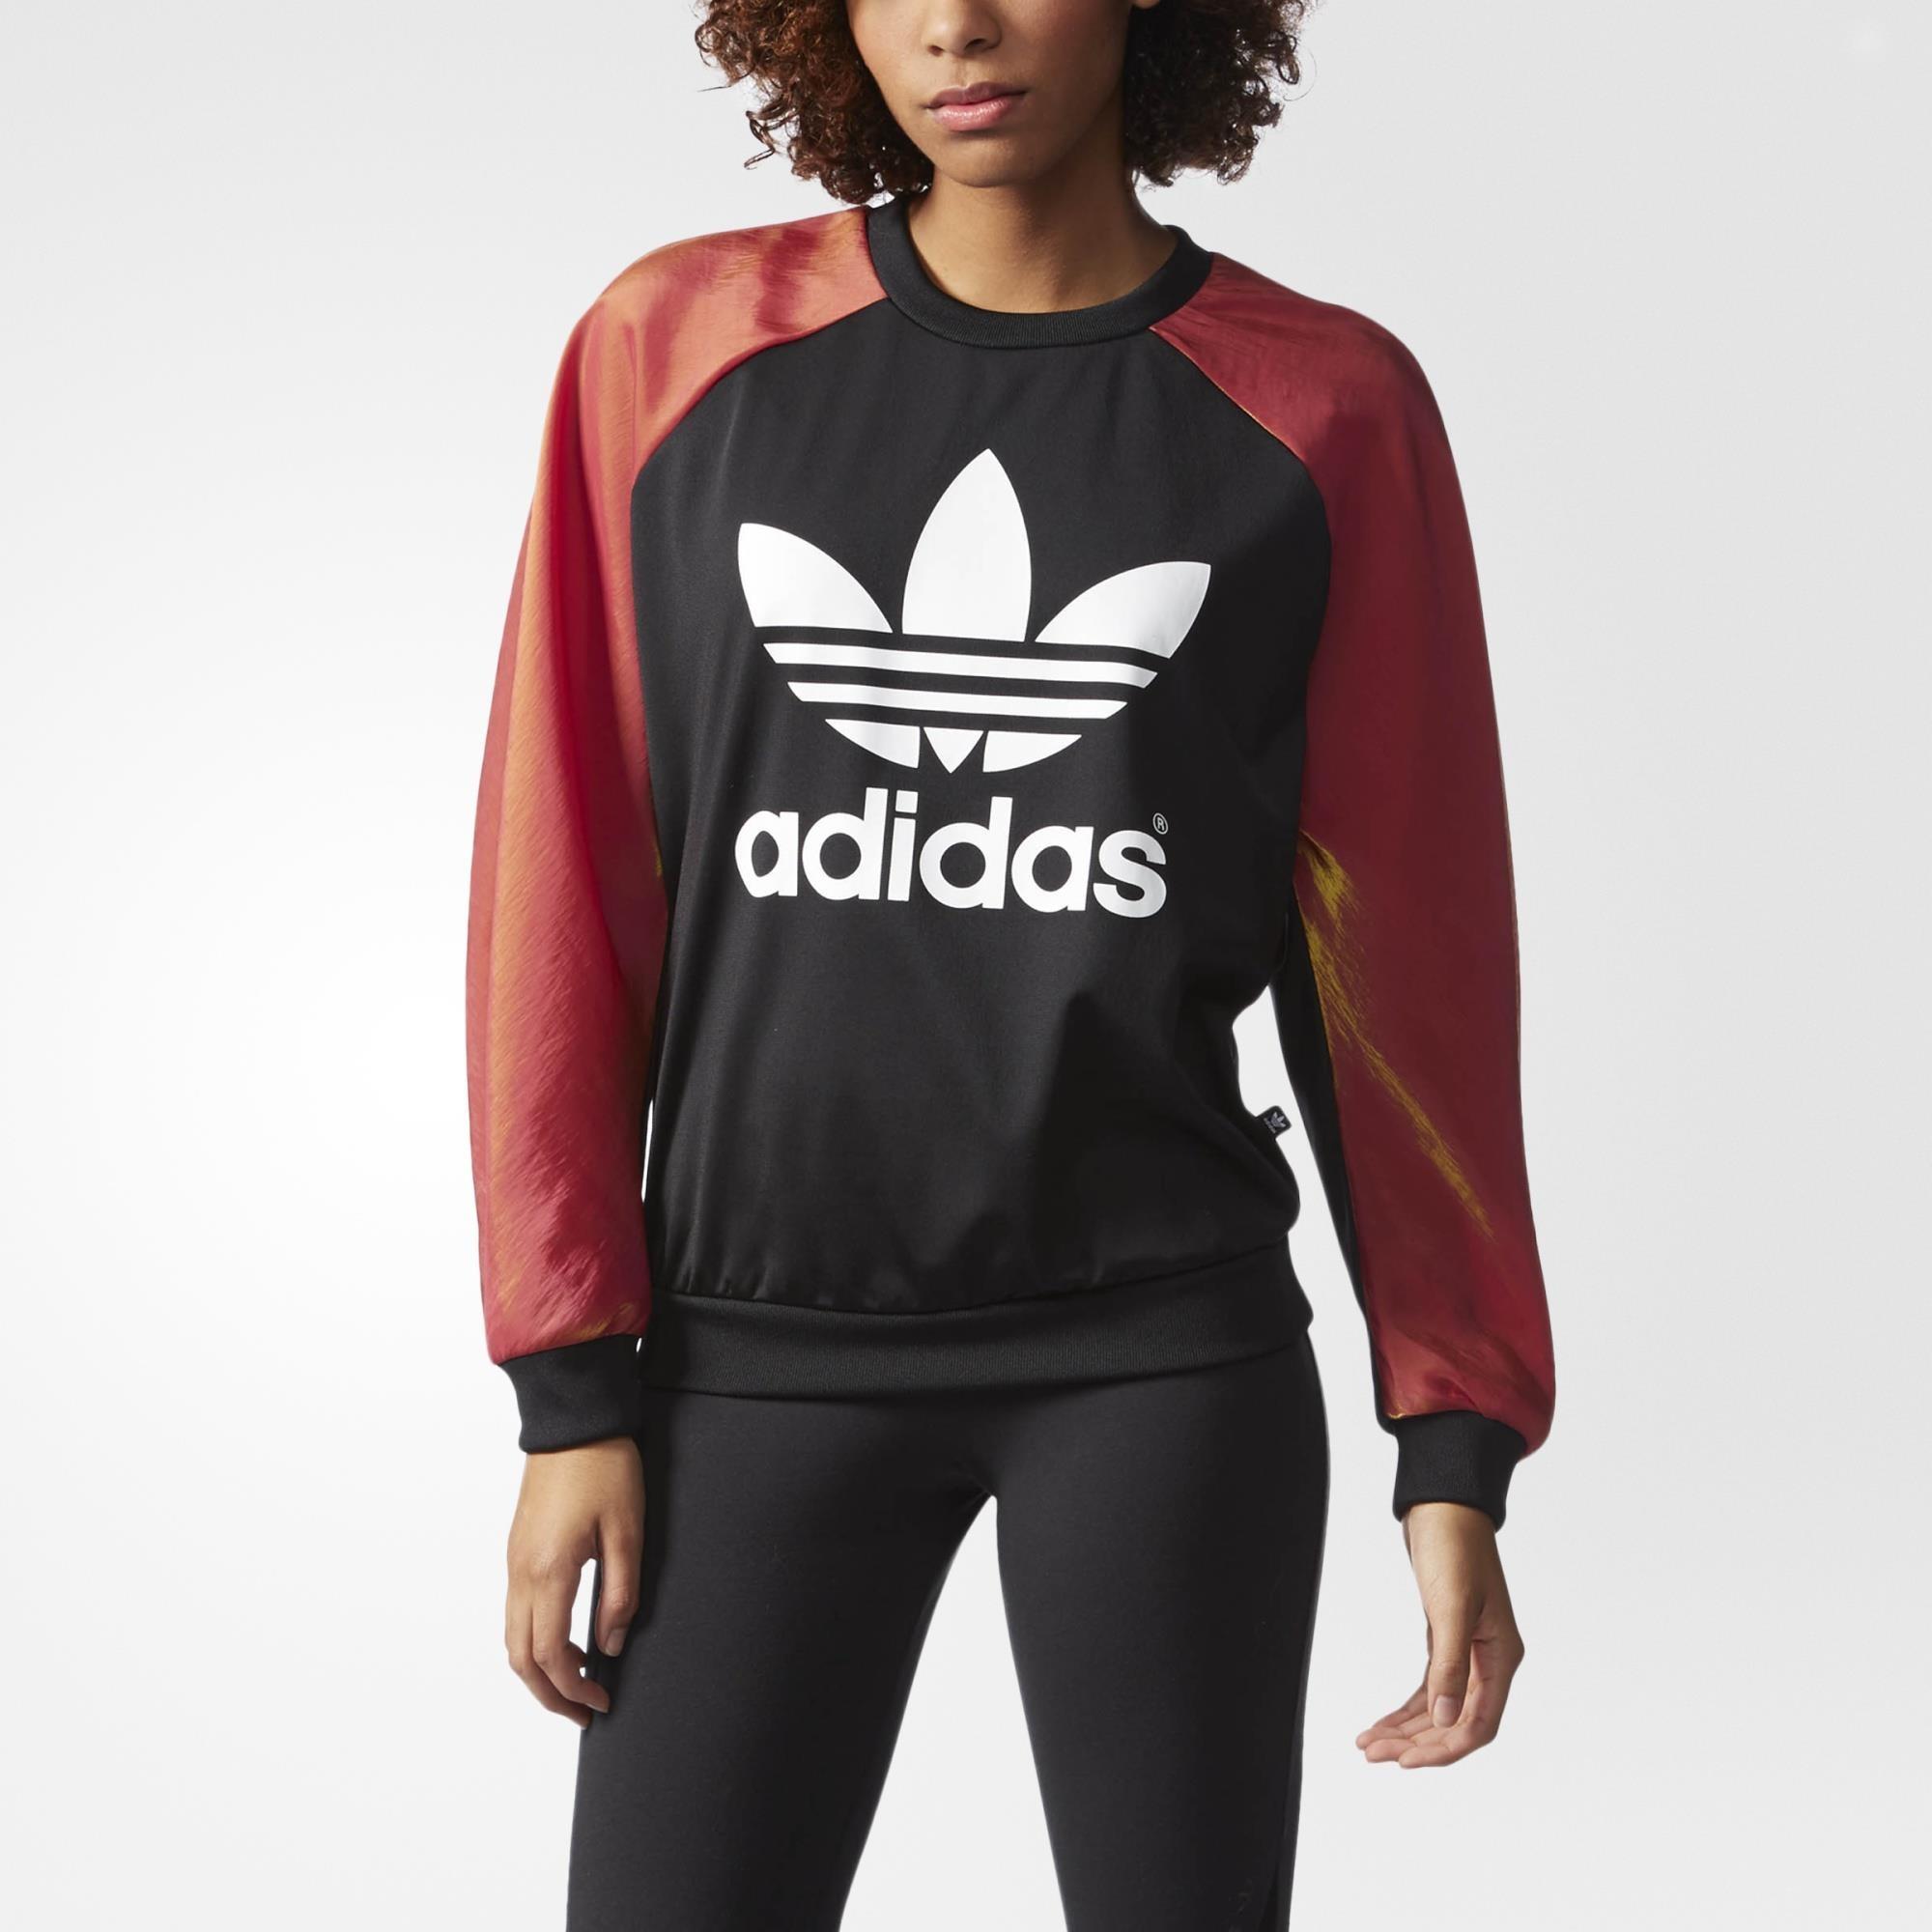 sale retailer e053f 3a1a9 ... adidas space shifter sweatshirt svart adidas sweden